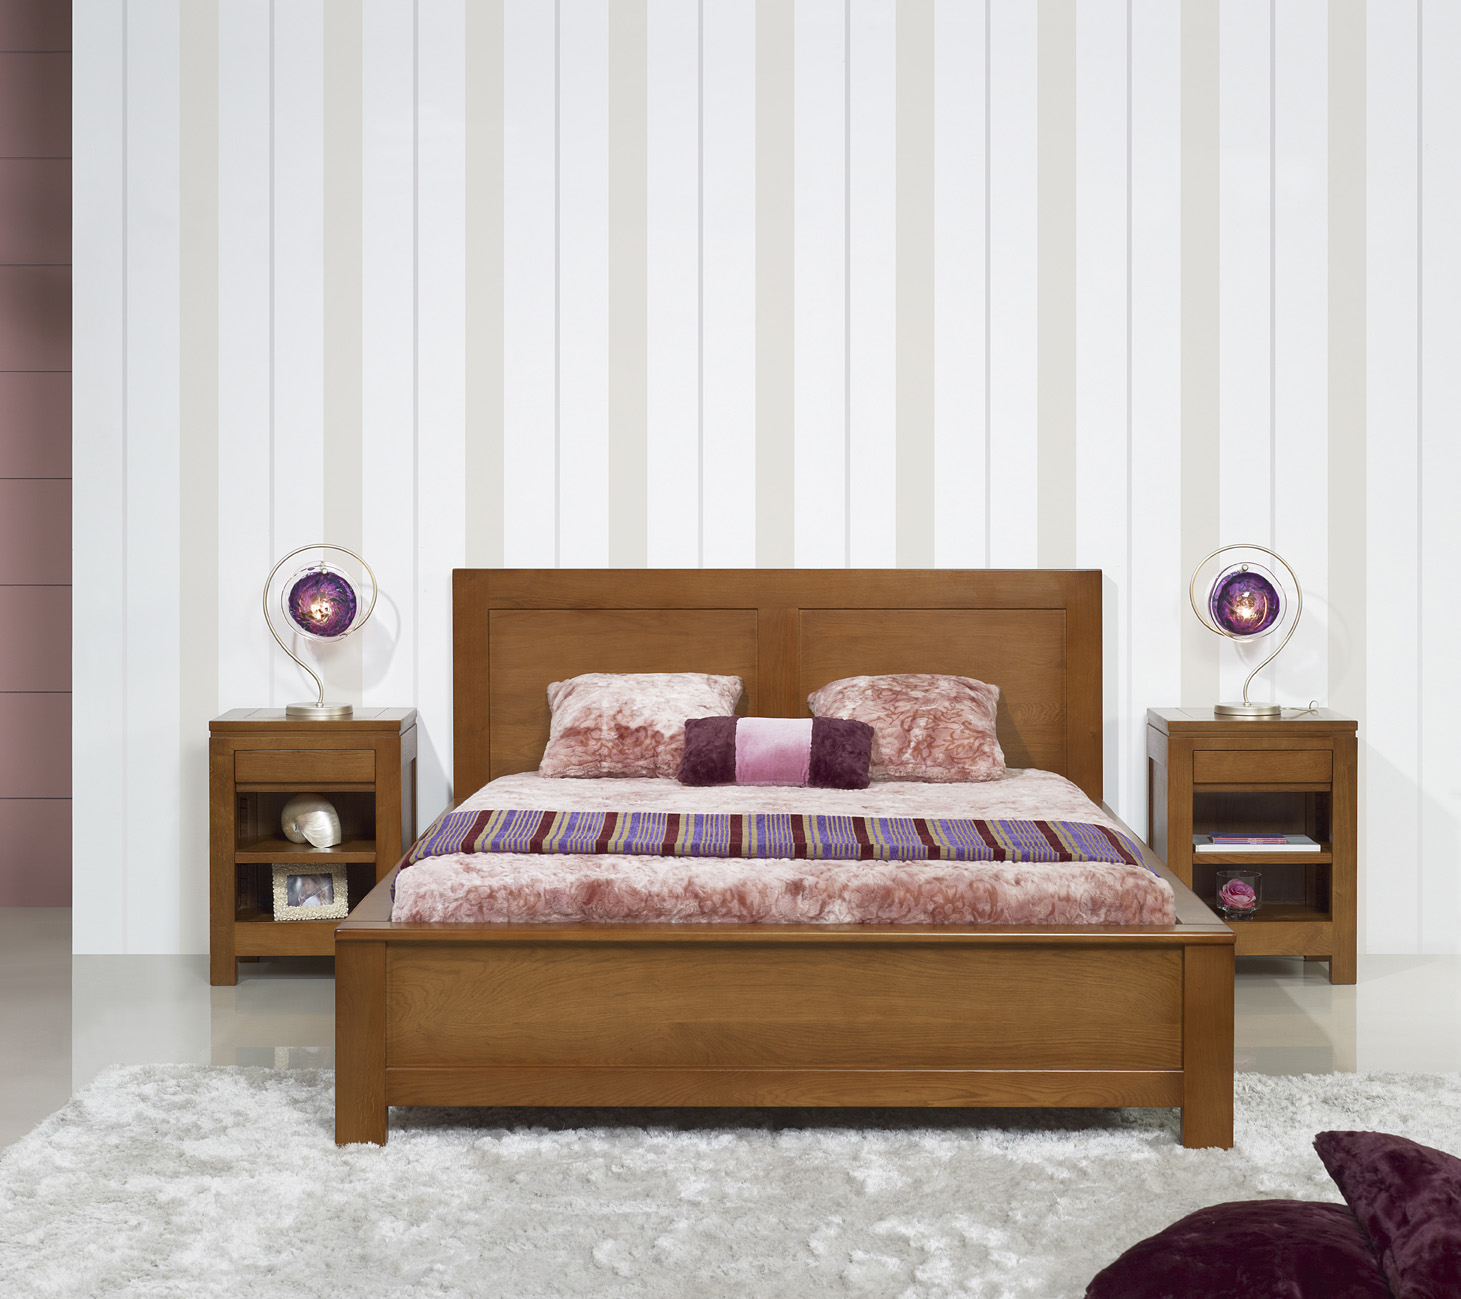 Lit collection nature 160 200 r alis en ch ne massif de - Chambre a coucher moderne en bois massif ...